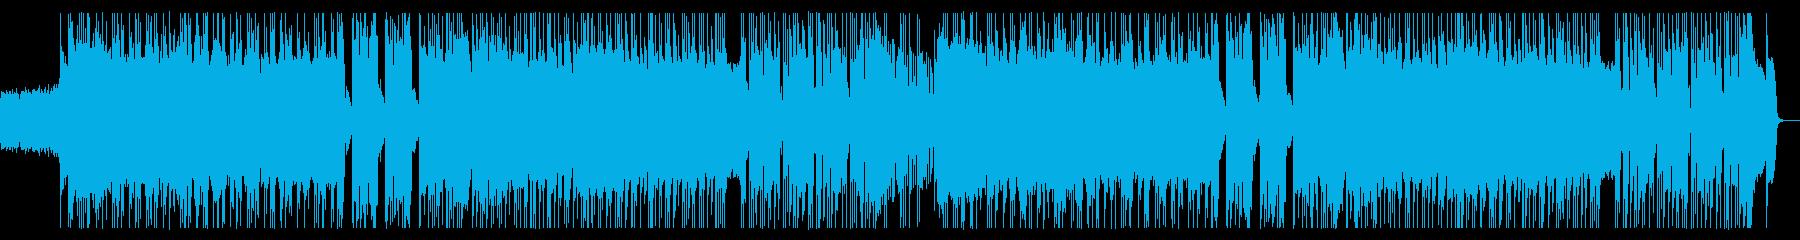 疾走感あるポップパンクの再生済みの波形